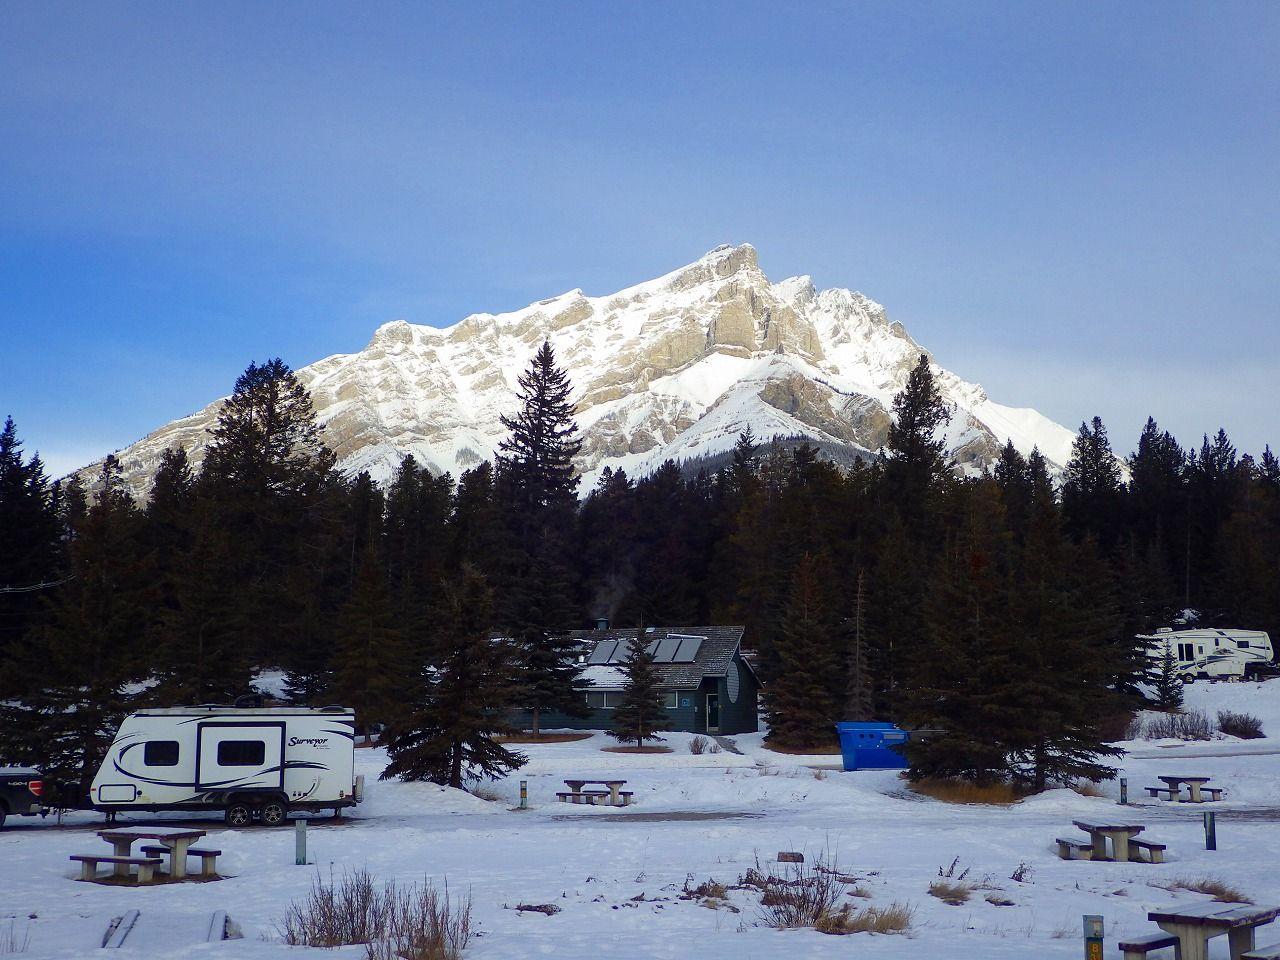 カナダのキャンプ場はここまでやるか!温水シャワーにトイレ、バス停まで完備!